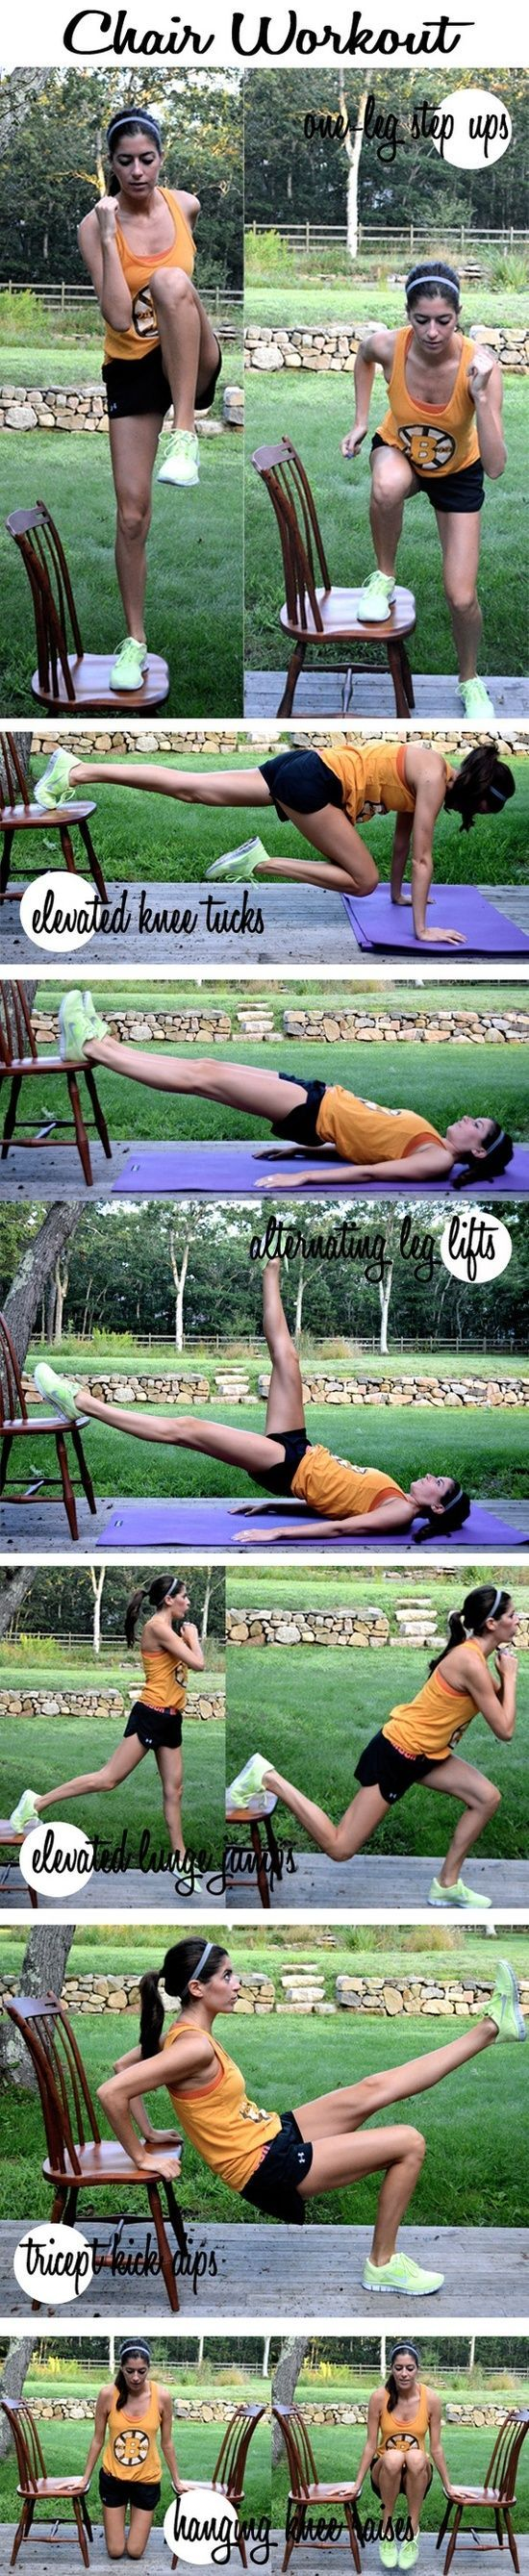 #Health #Fitness #Weightloss ... (Pin via http://pinterest.com/pin/446067538066889313/